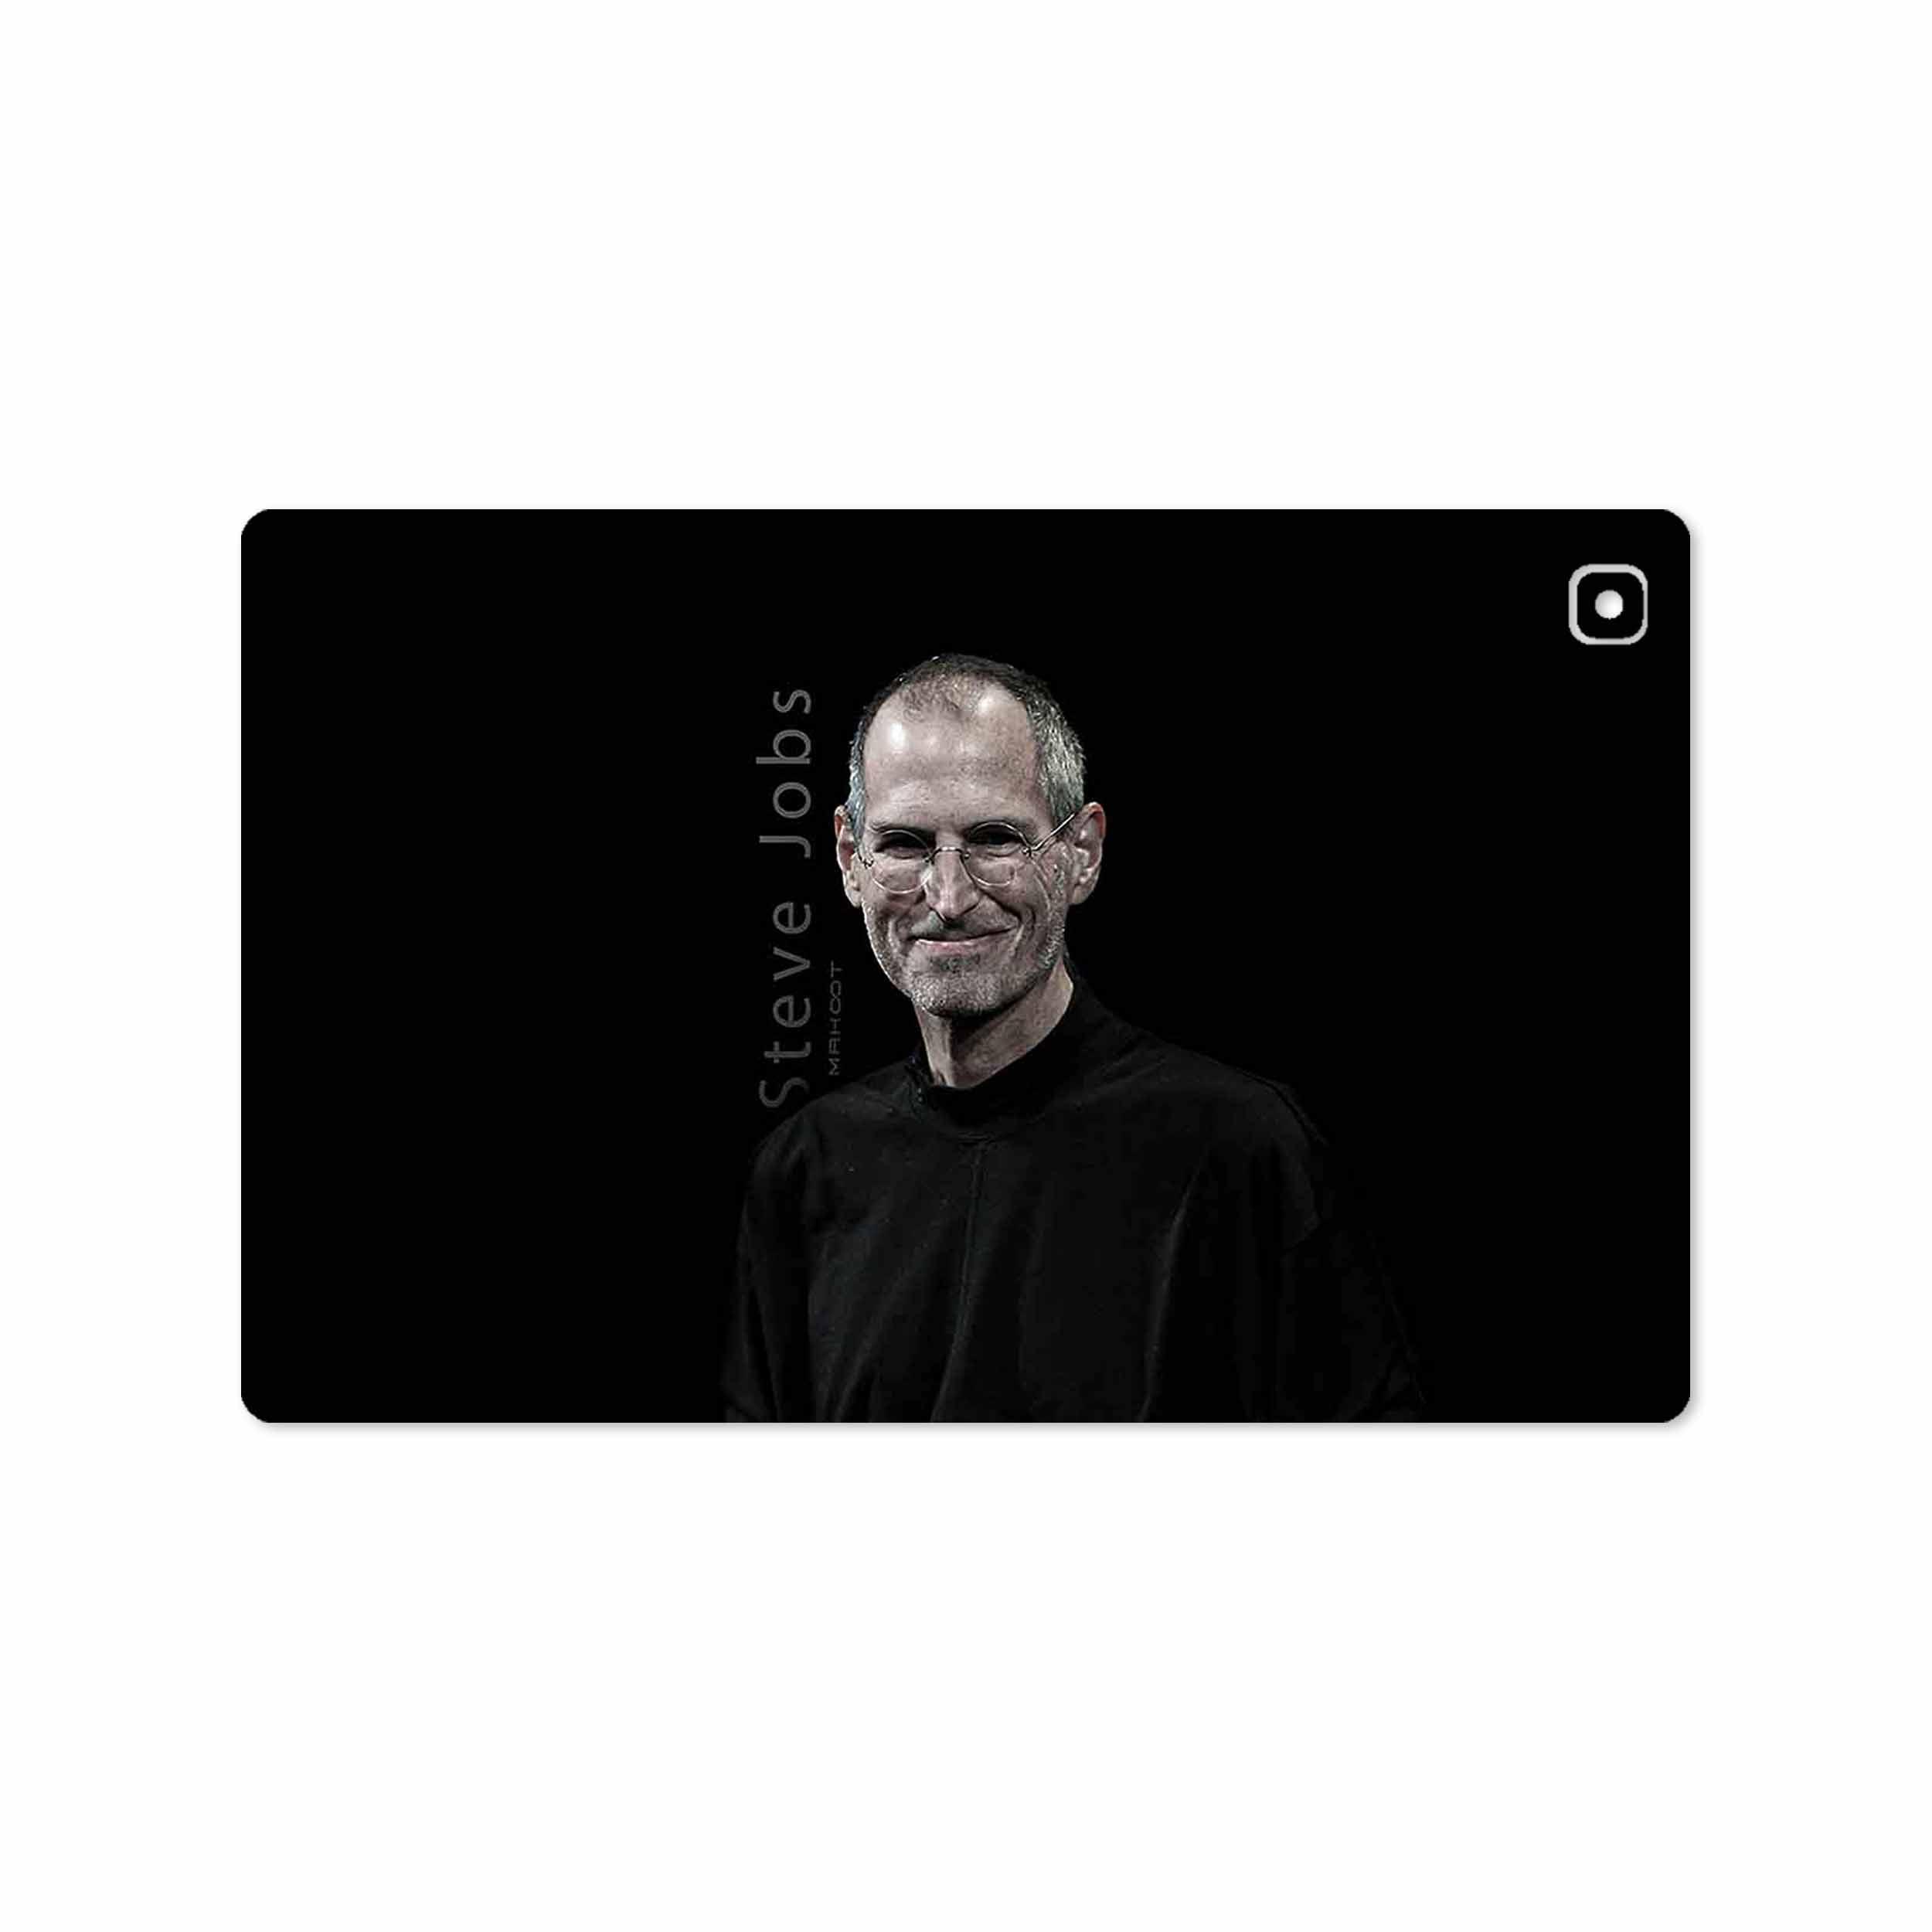 بررسی و خرید [با تخفیف]                                     برچسب پوششی ماهوت مدل Steve Jobs مناسب برای تبلت سامسونگ Galaxy Tab A7 10.4 LTE 2020 T505                             اورجینال